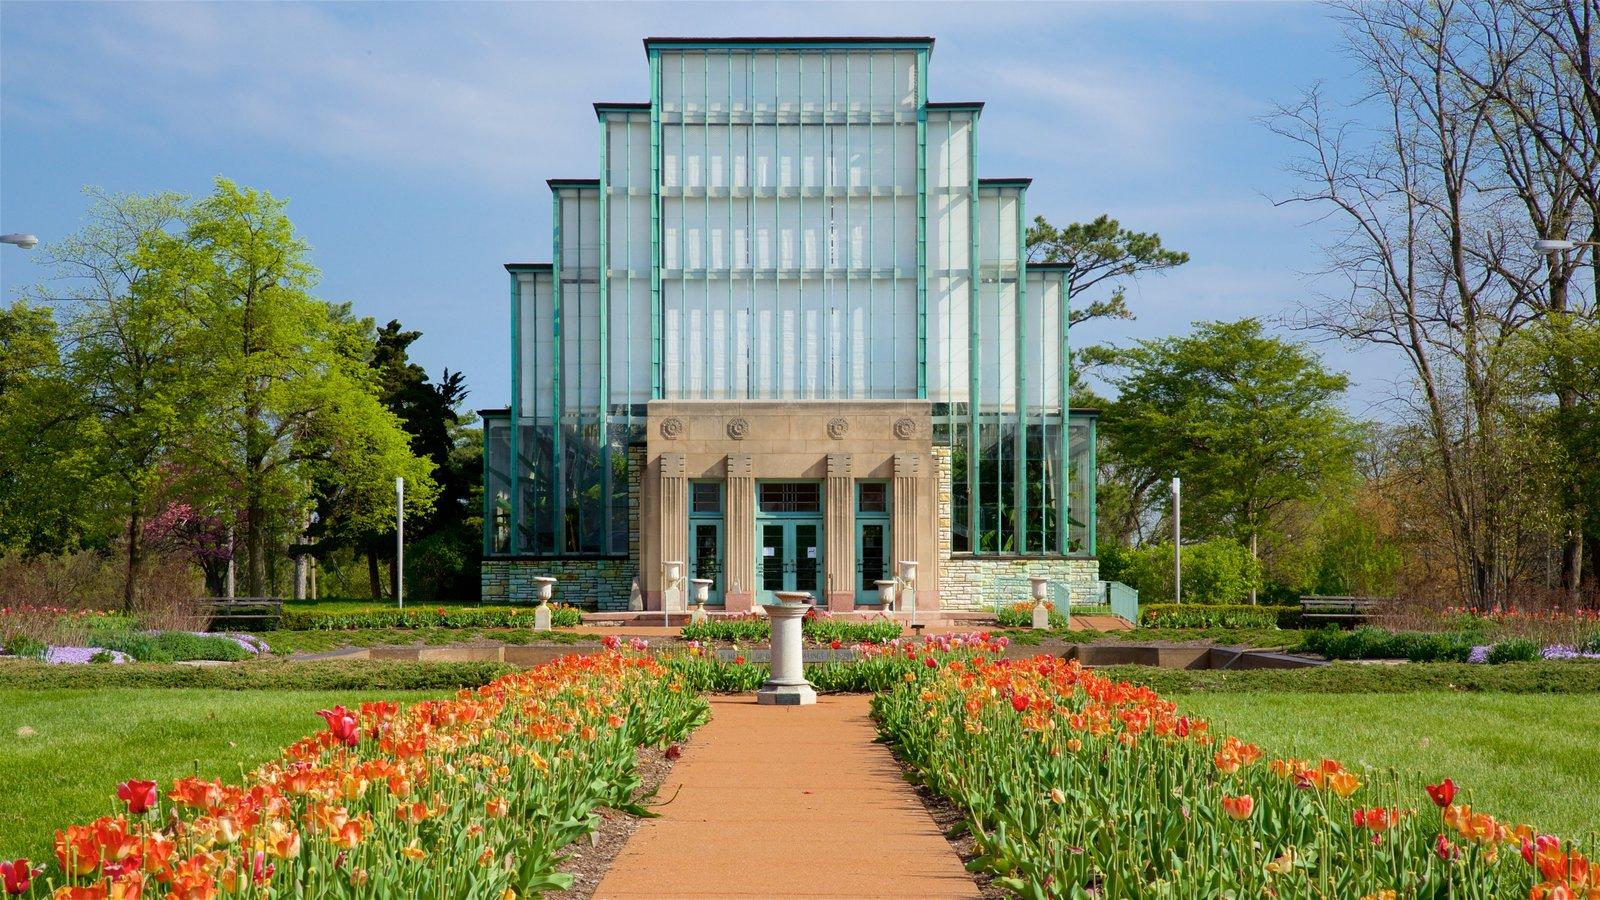 Forest Park mostrando flores silvestres, um jardim e arquitetura moderna